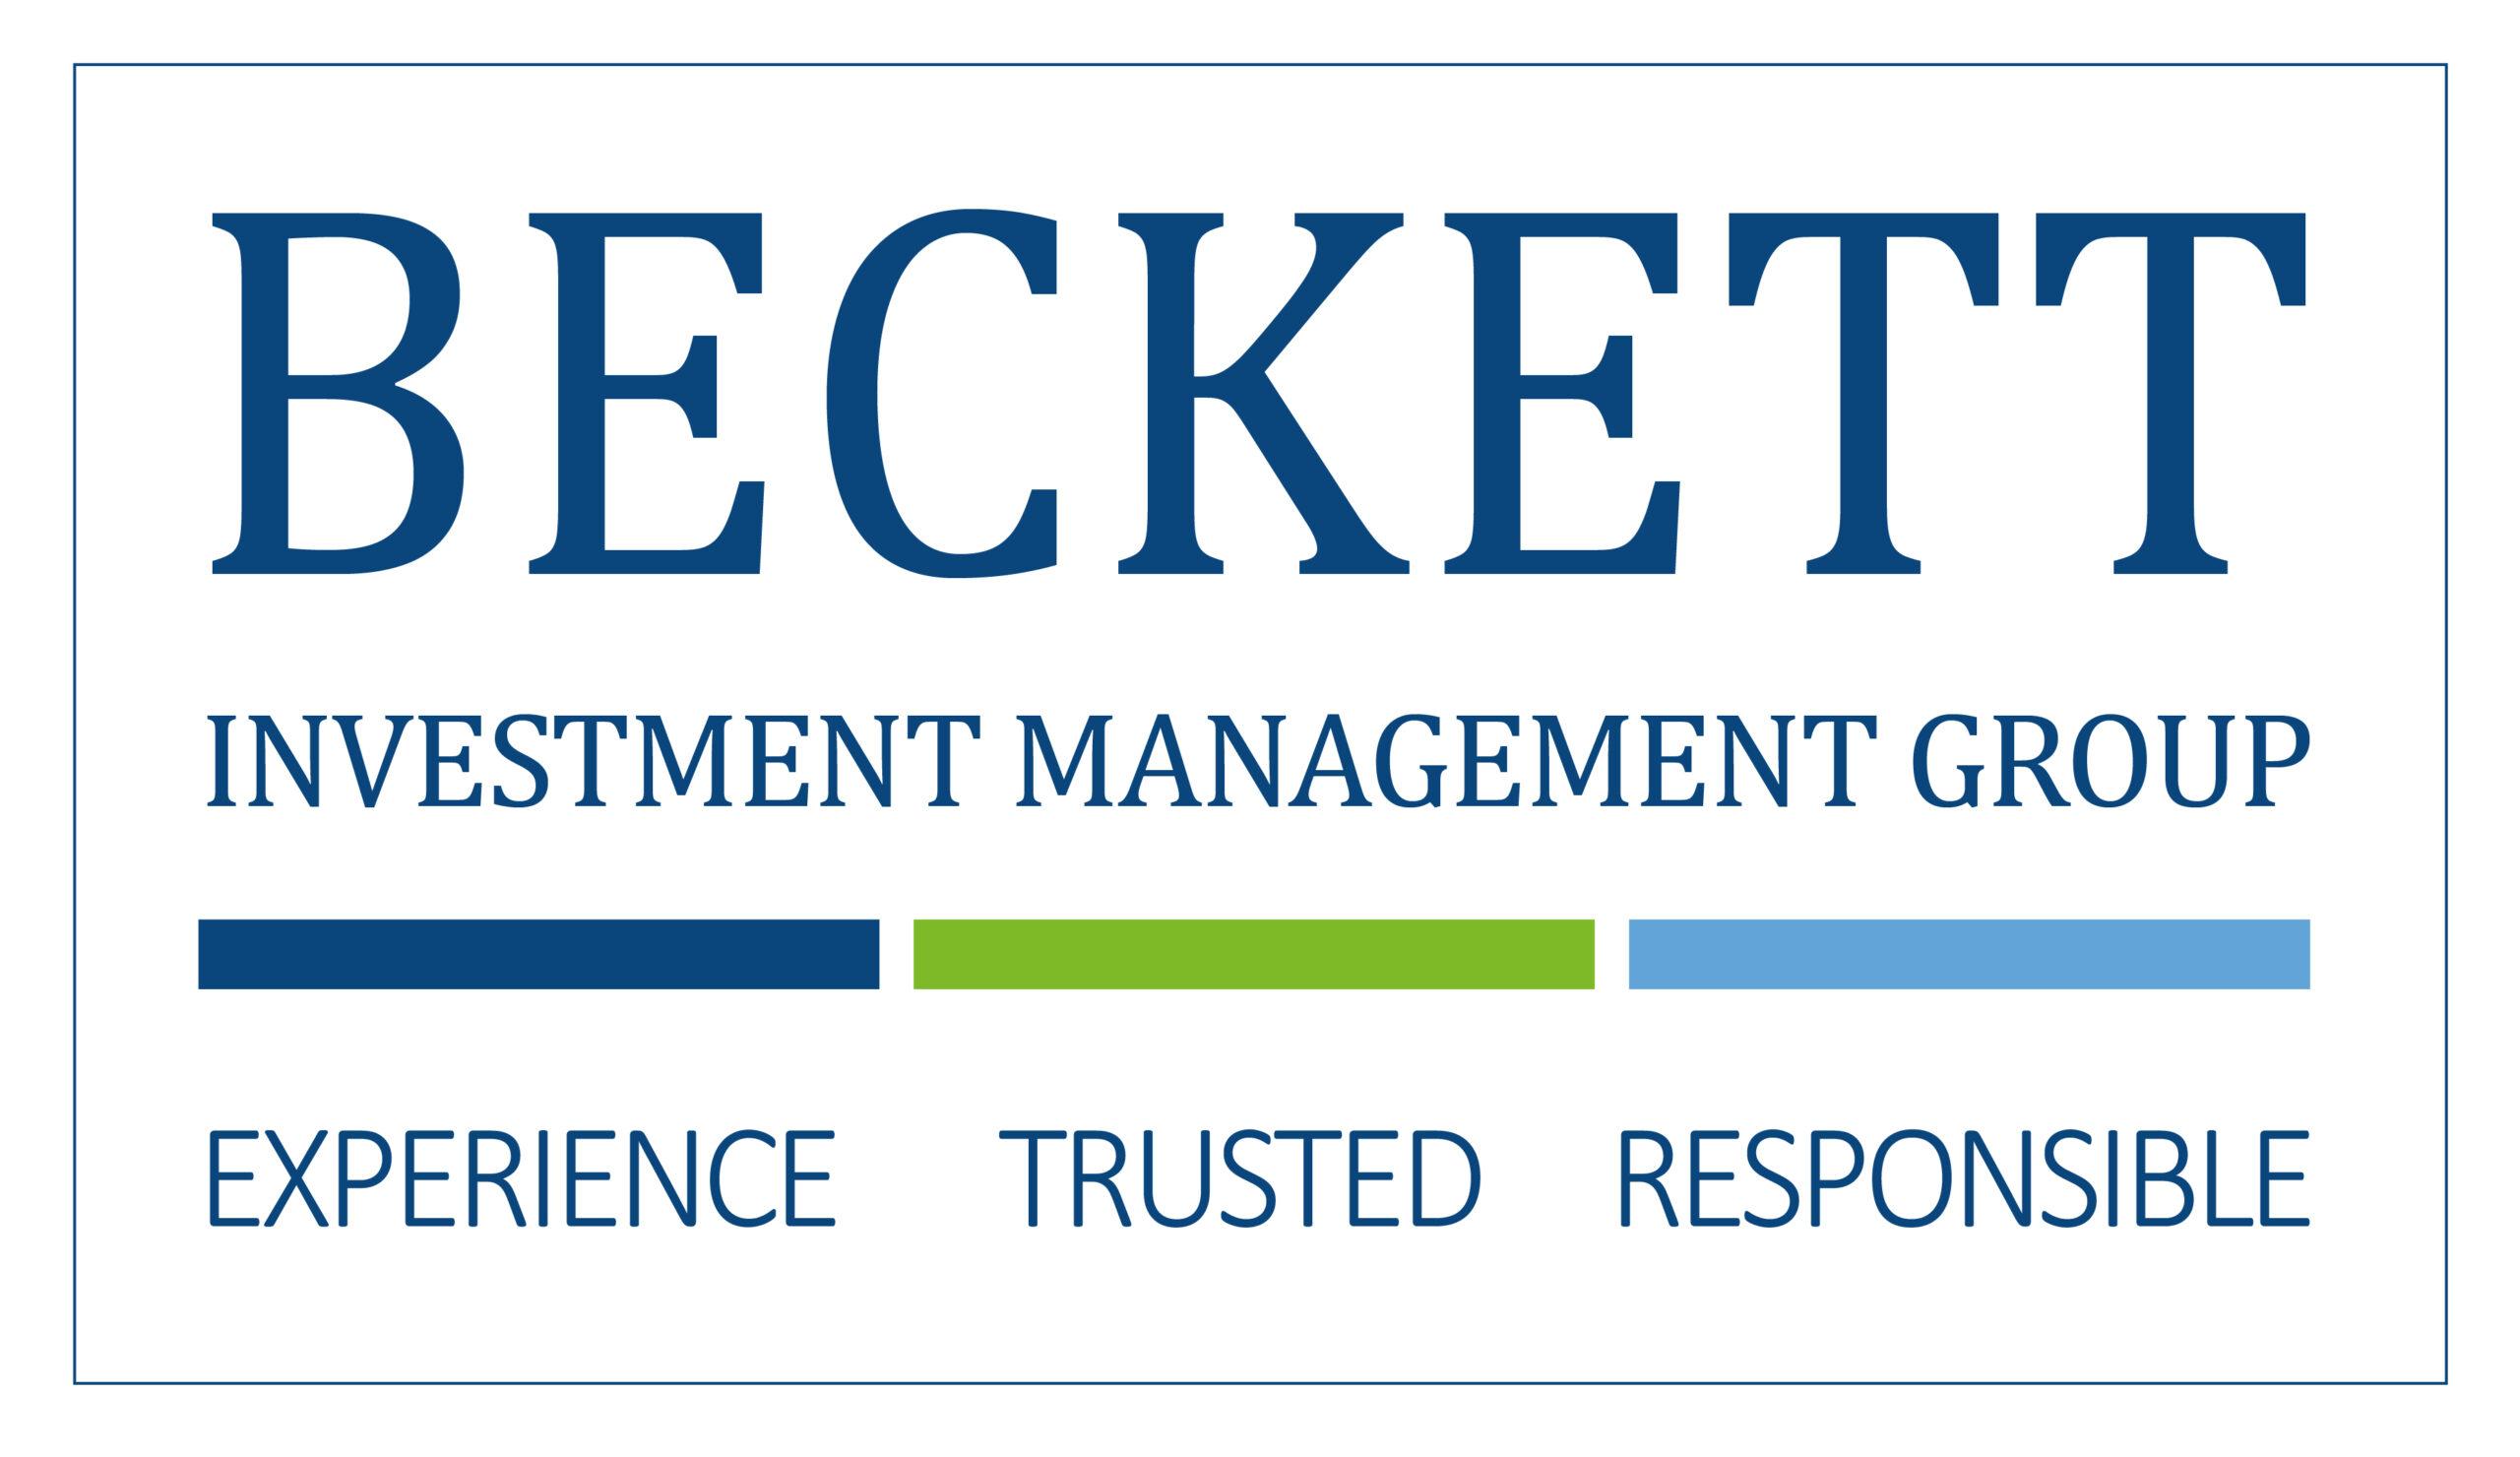 Beckett Investment Management